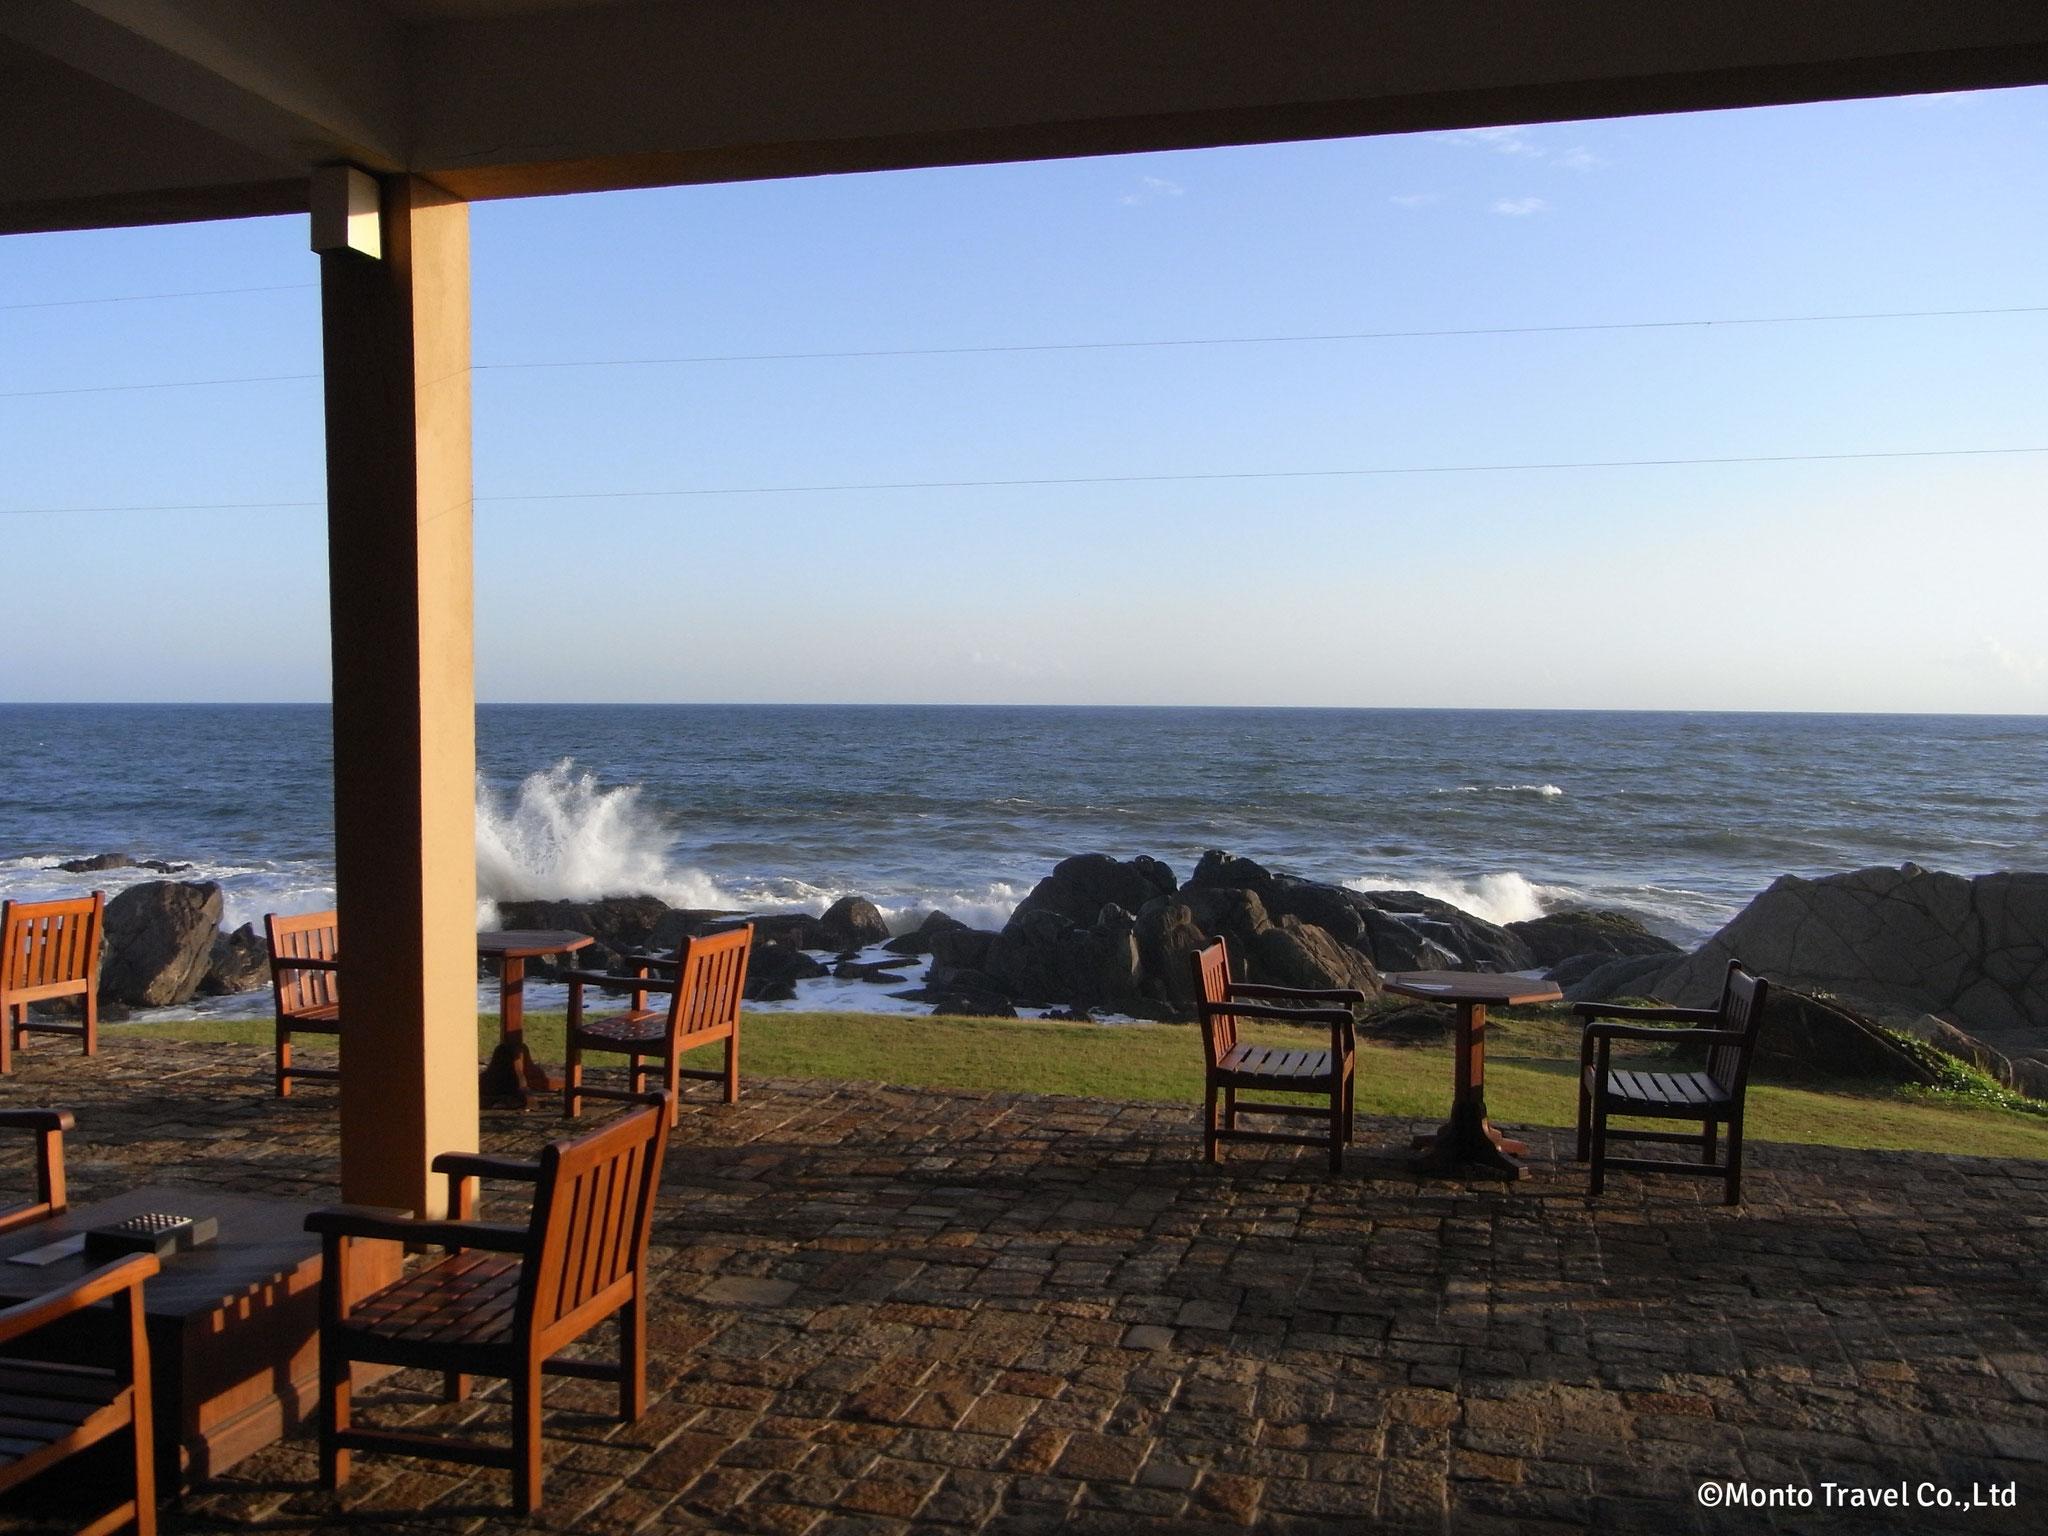 バワ建築のホテルからインド洋を望む